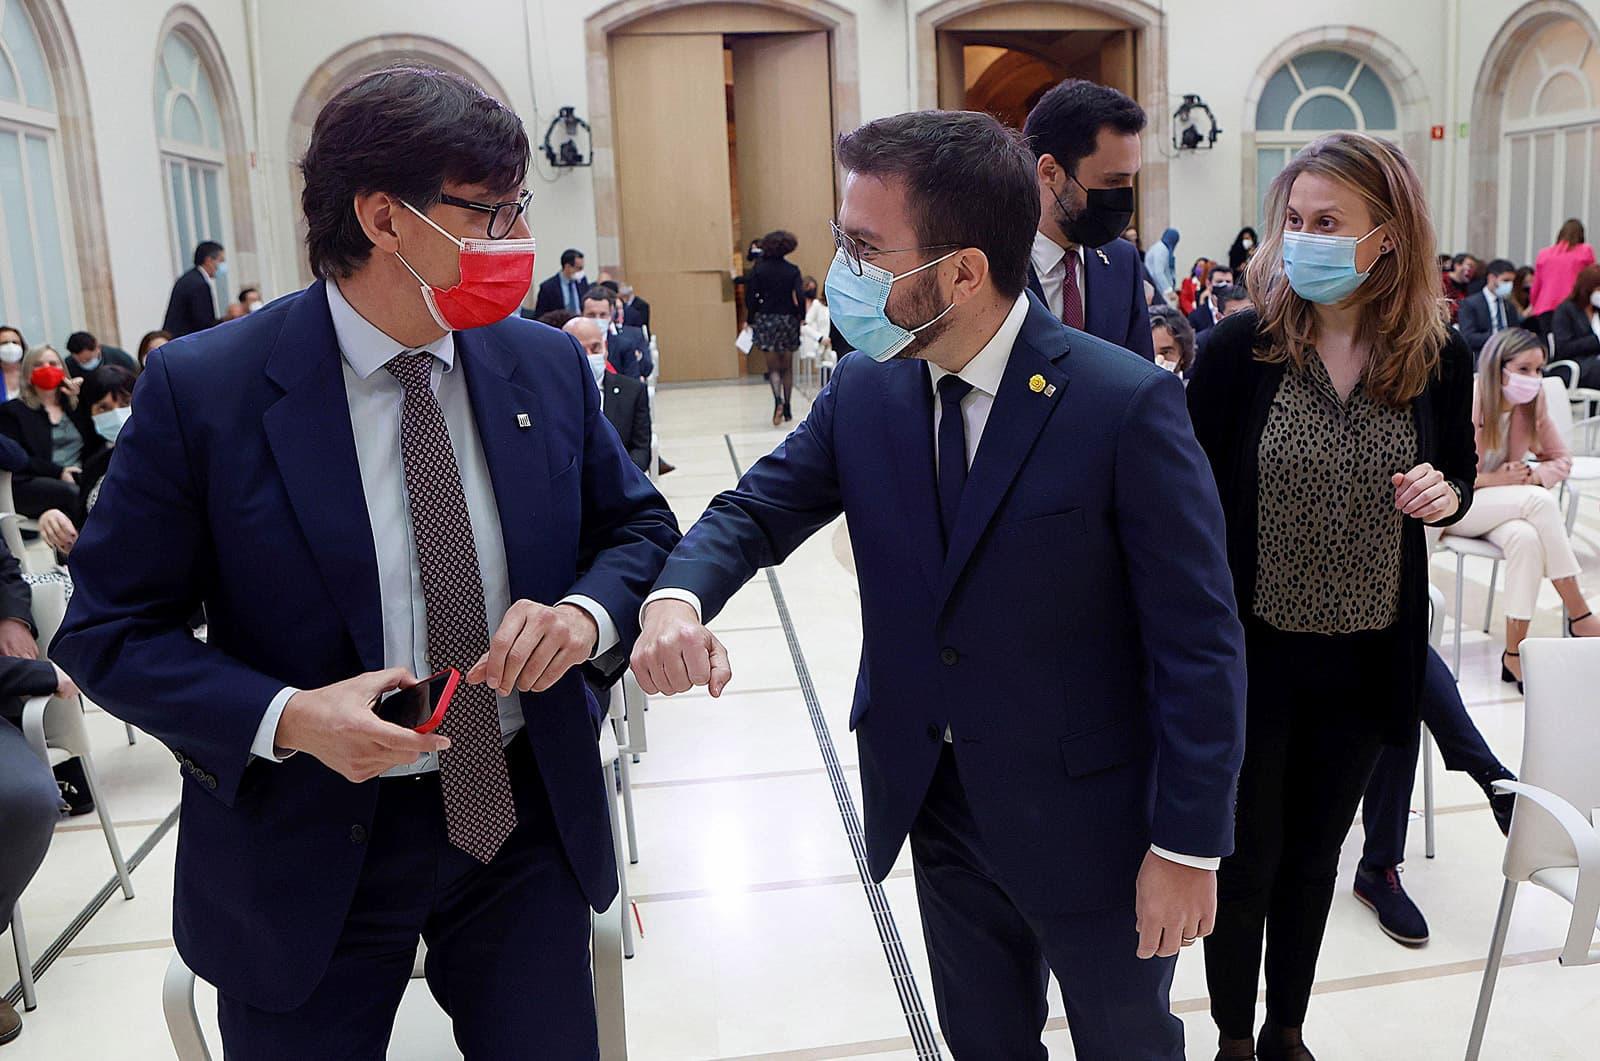 Salvador Illa i Pere Aragonès se saluden durant la sessió constituent del Parlament, el 12 de març. Fotografia d'Alberto Estévez. Efe.